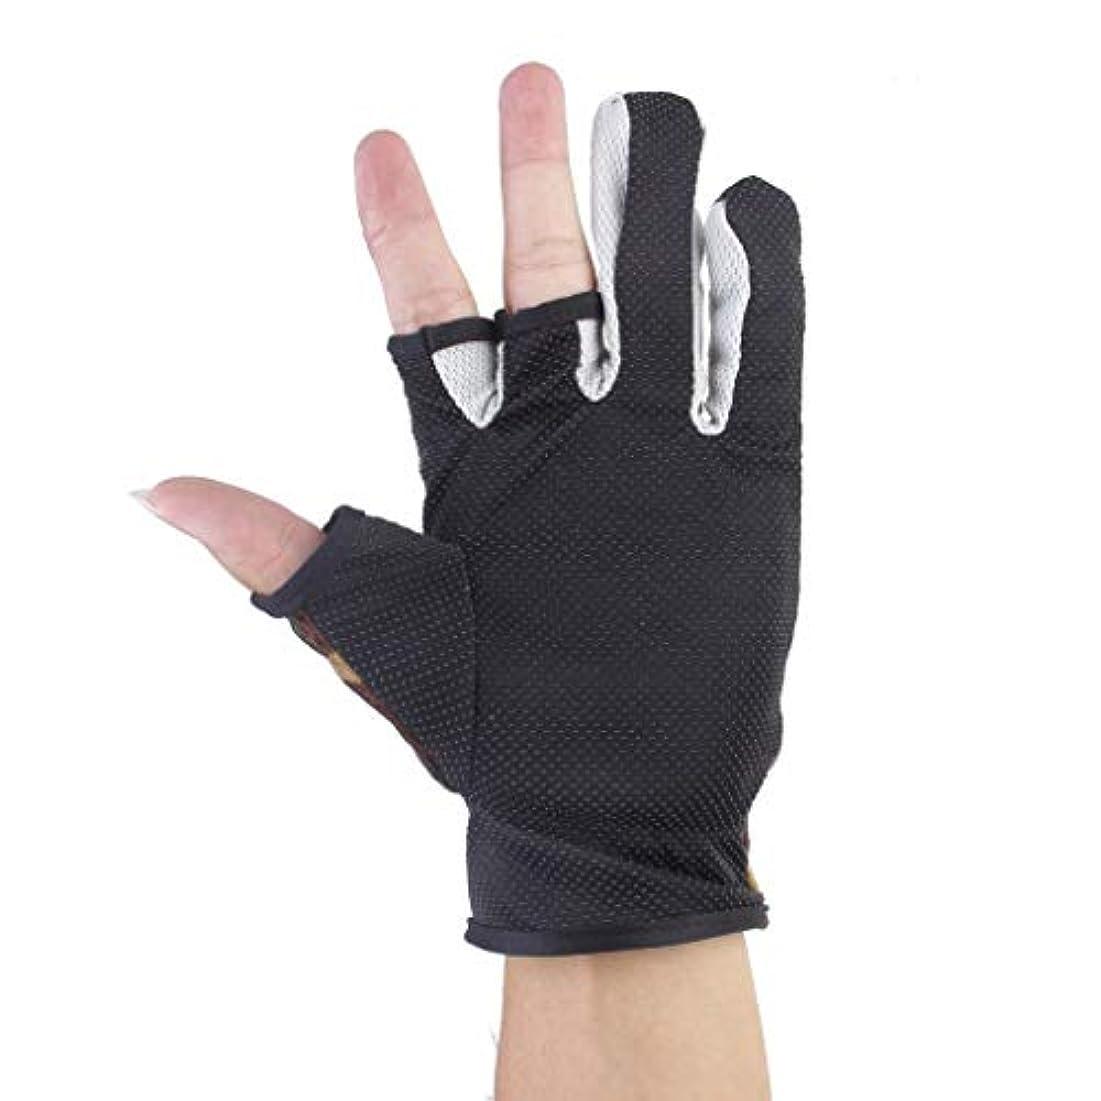 ハイランド規制おじいちゃん釣り滑り止め手袋 アンチ?スリップ摩擦パーム 3つの低い裁断された指釣り手袋